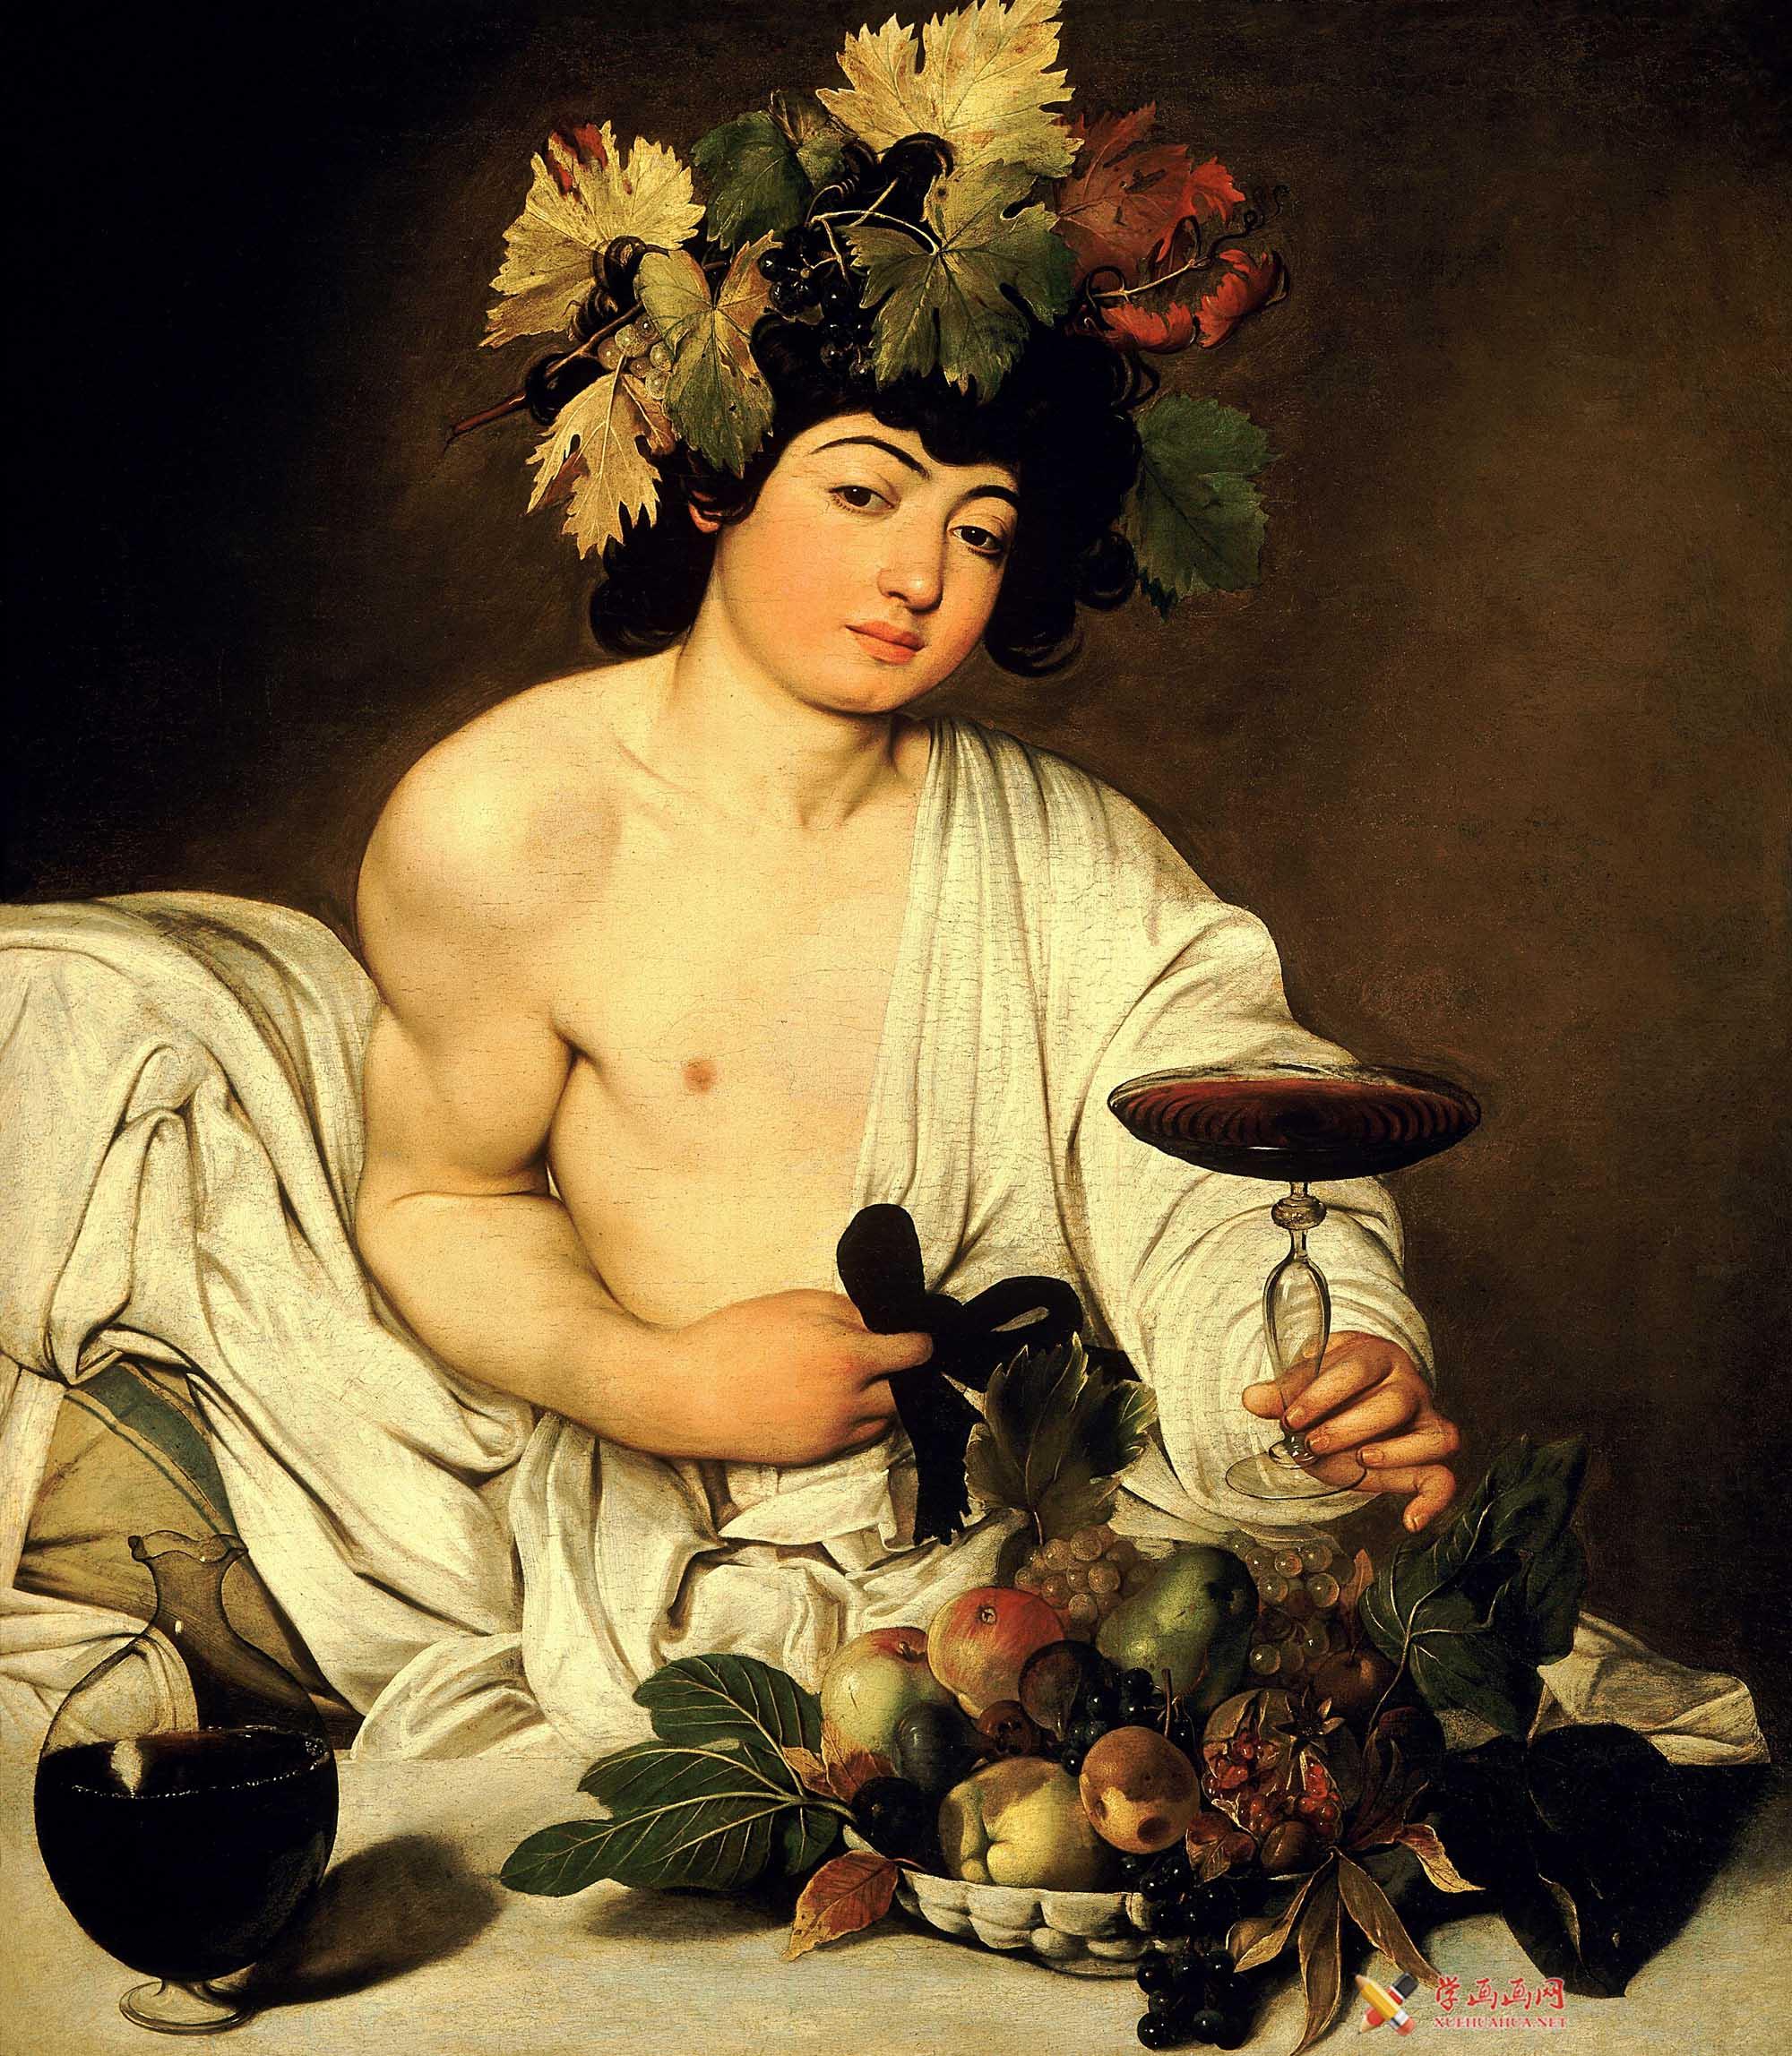 卡拉瓦乔作品《酒神巴克斯》高清油画图片(1)